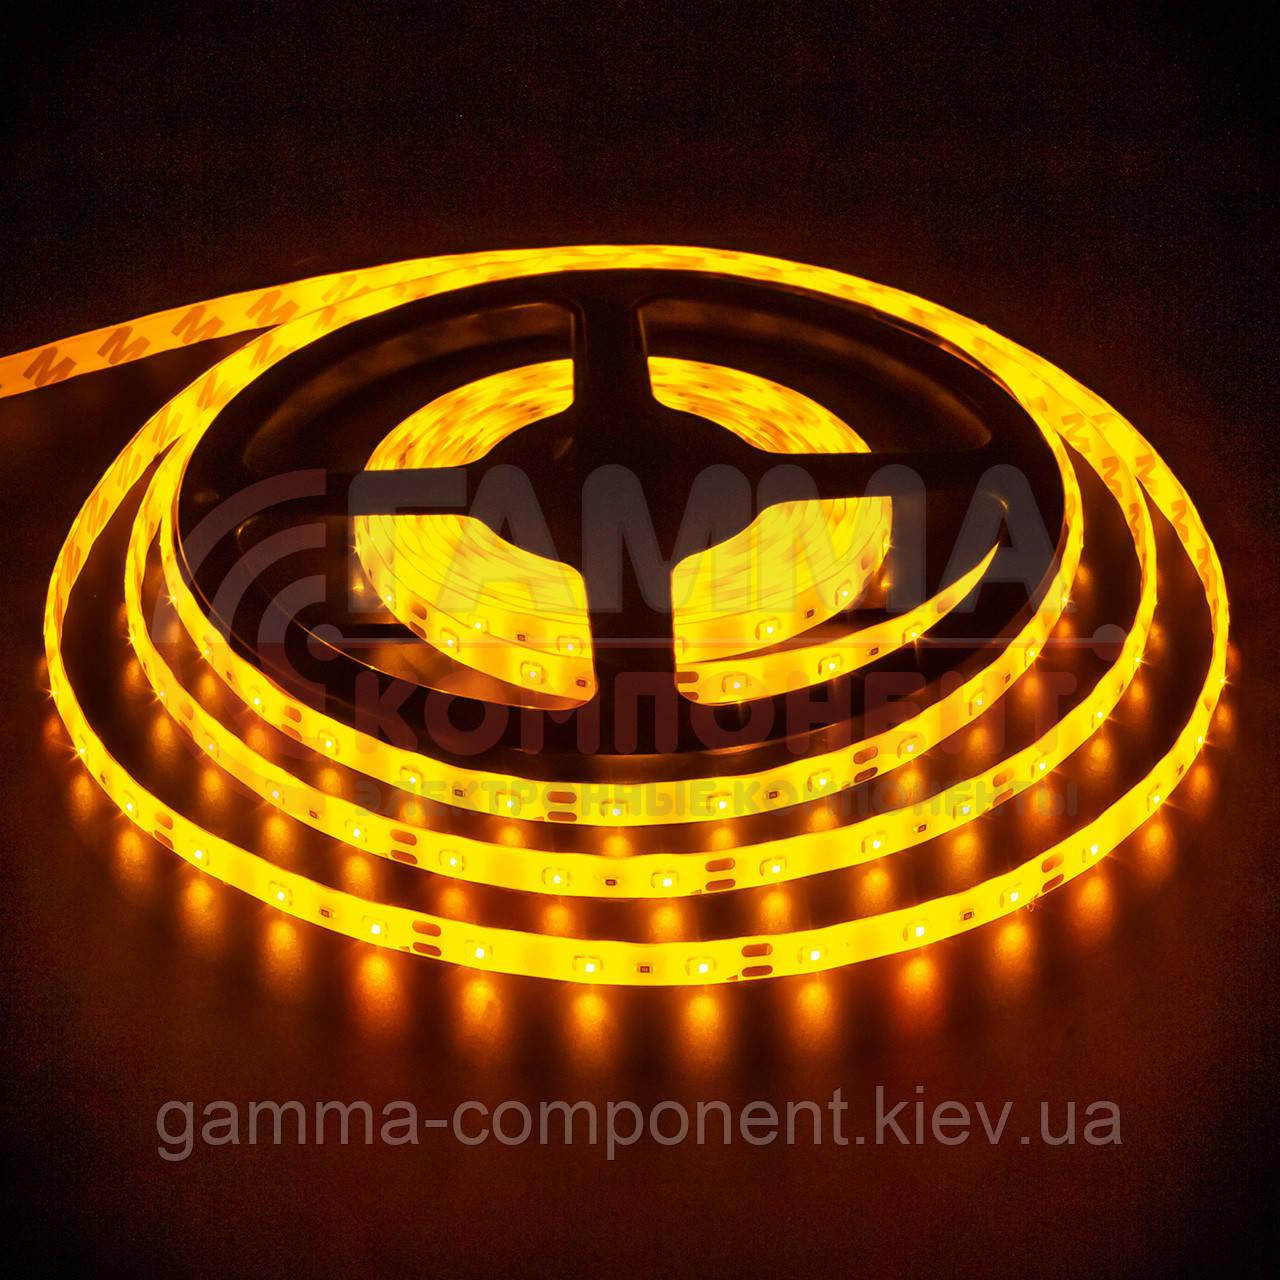 Светодиодная лента SMD 2835 (60 LED/м), желтый, IP65, 12В бобины от 5 метров